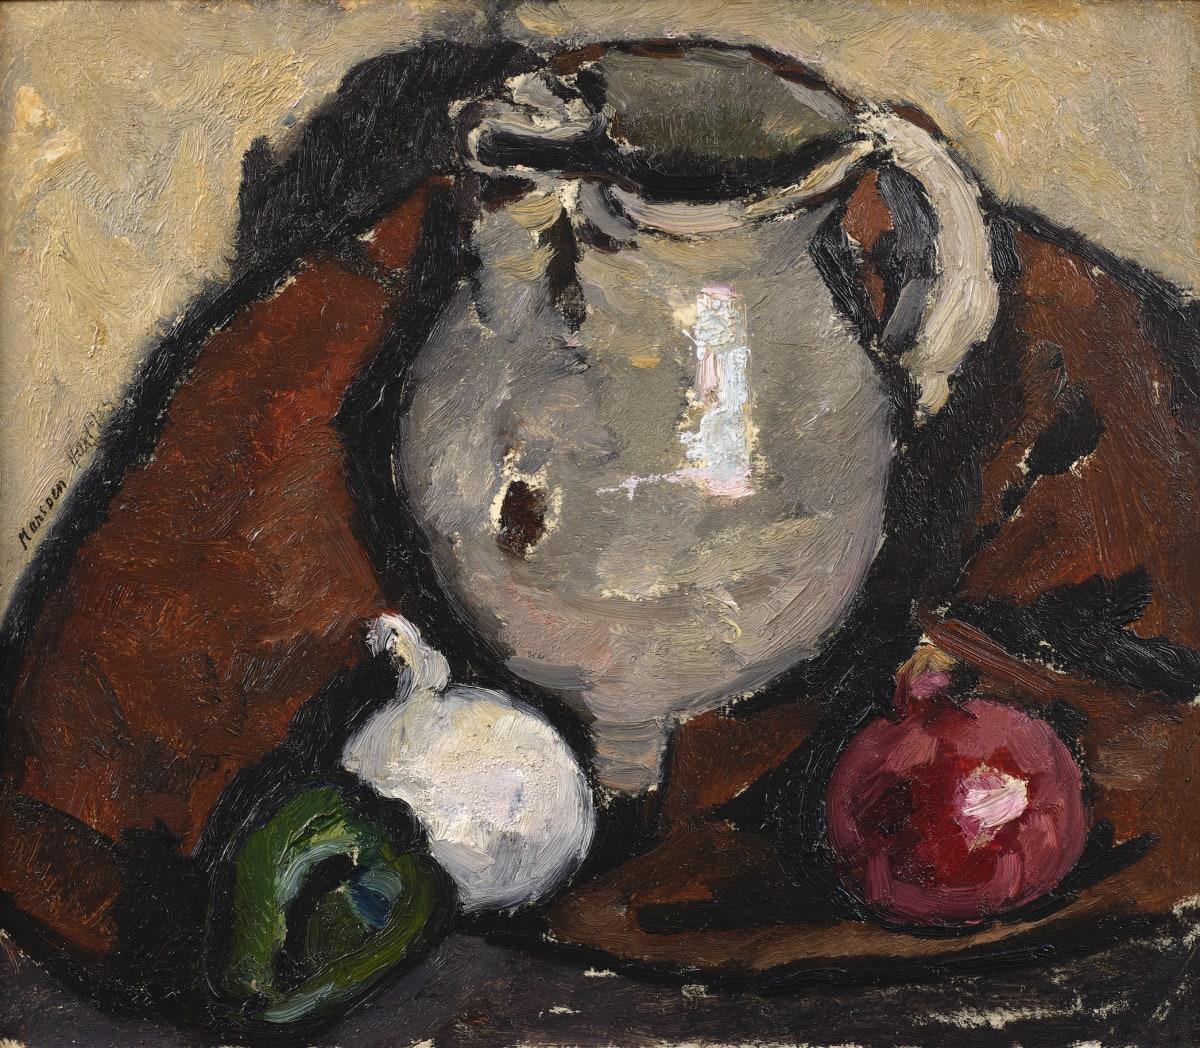 Marsden Hartley, Still Life, 1910-1911